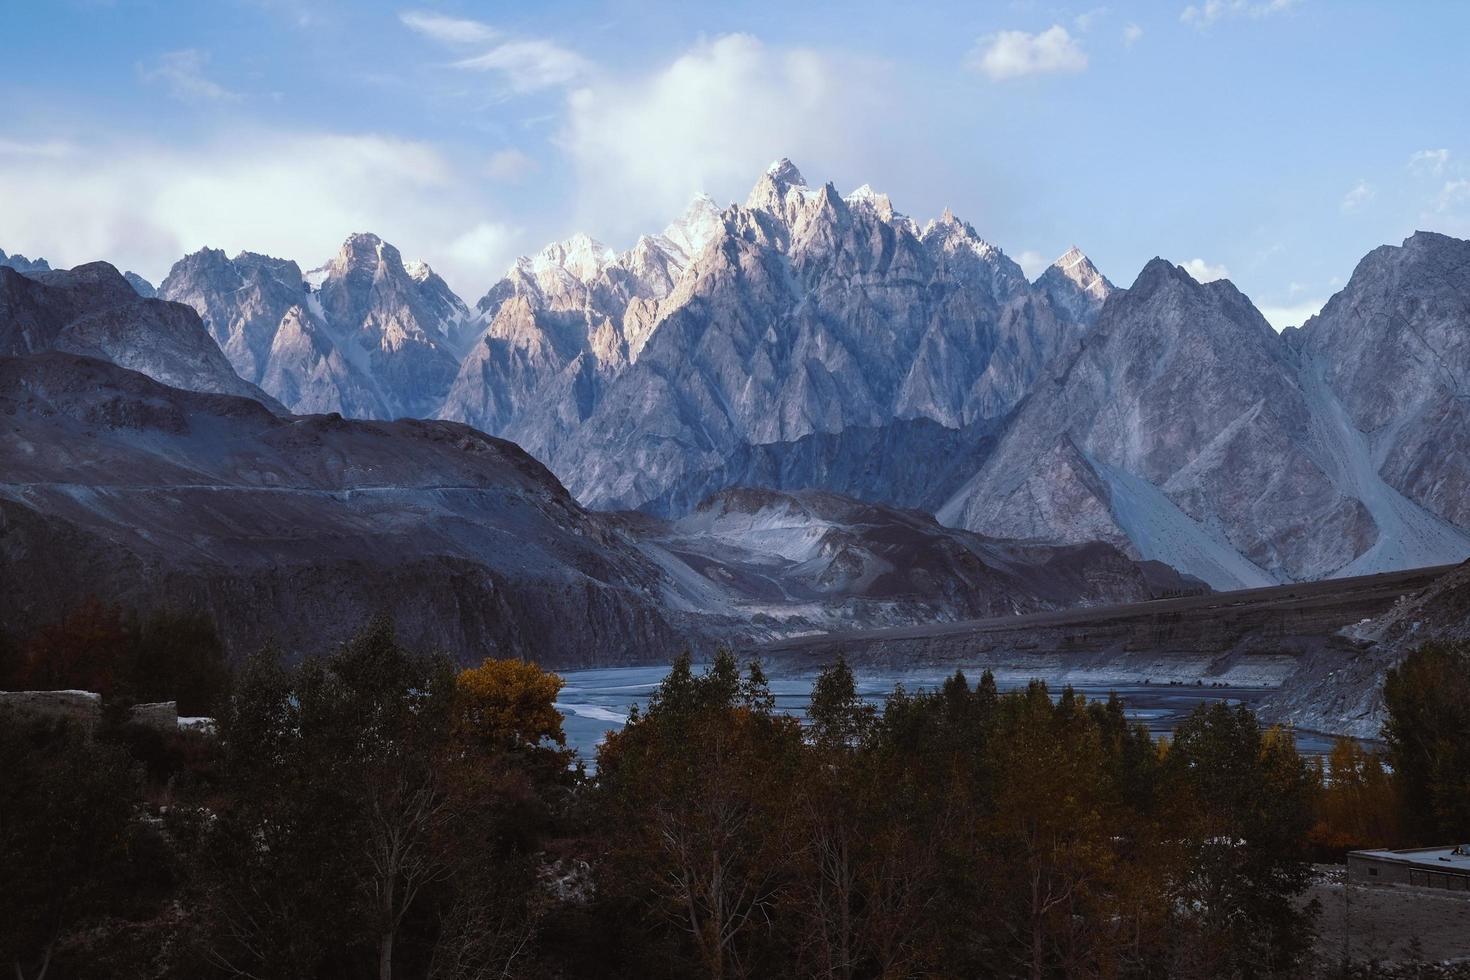 passu kottar i Karakoram bergskedja foto